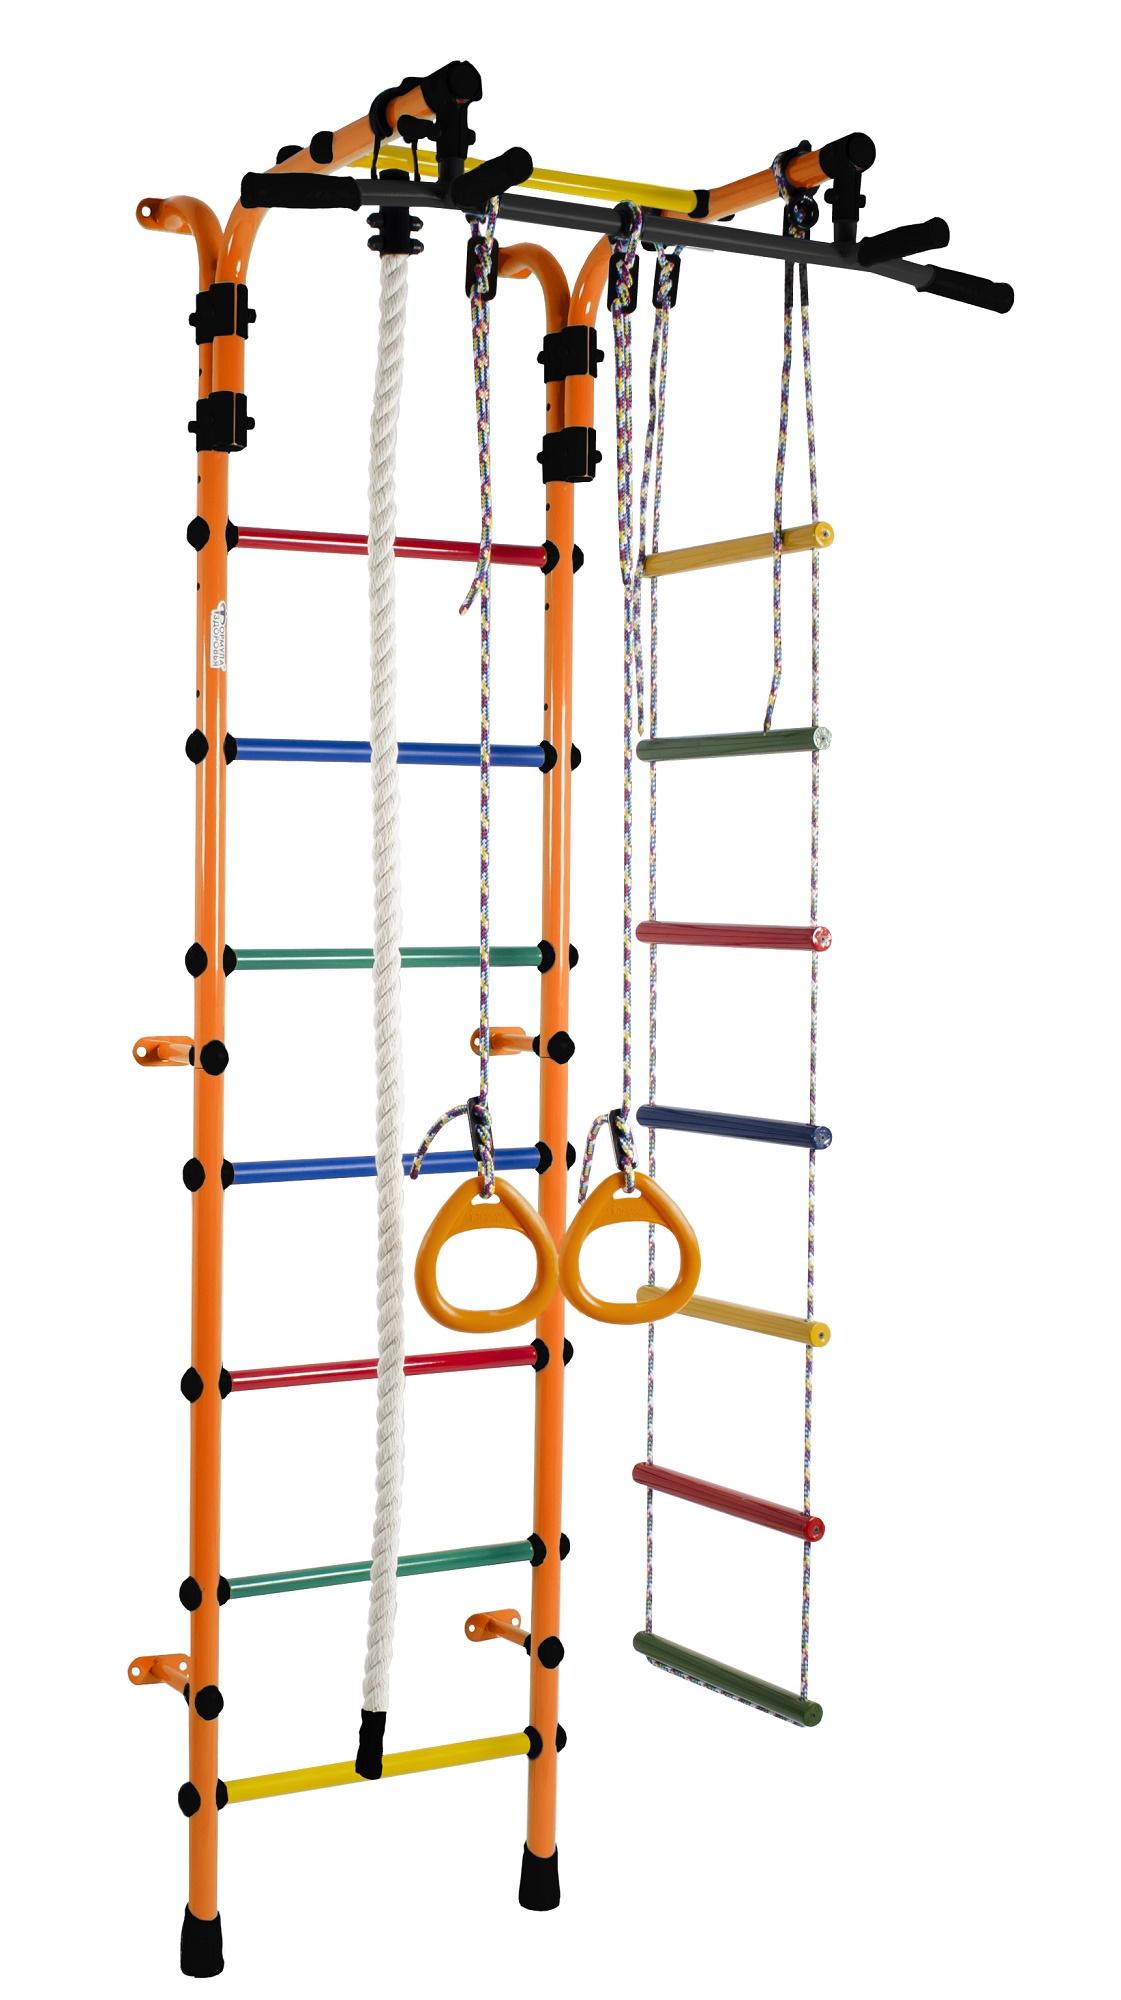 Купить Детский спортивный комплекс Орлёнок-1А Плюс, цвет - оранжевый/радуга, Формула здоровья